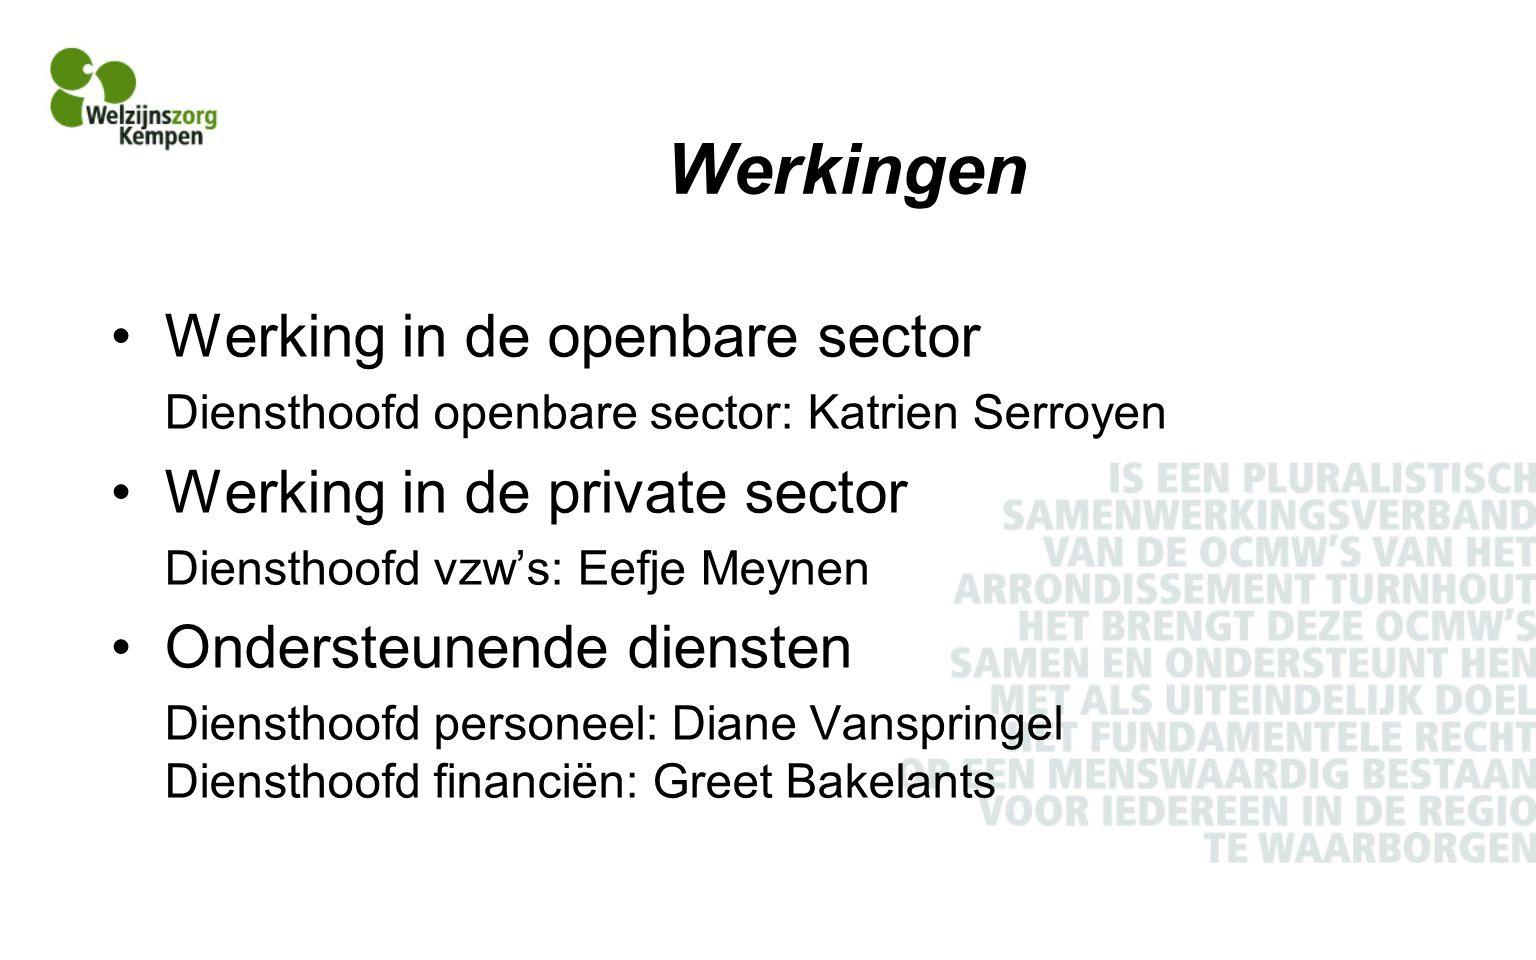 Werkingen Werking in de openbare sector Diensthoofd openbare sector: Katrien Serroyen Werking in de private sector Diensthoofd vzw's: Eefje Meynen Ondersteunende diensten Diensthoofd personeel: Diane Vanspringel Diensthoofd financiën: Greet Bakelants